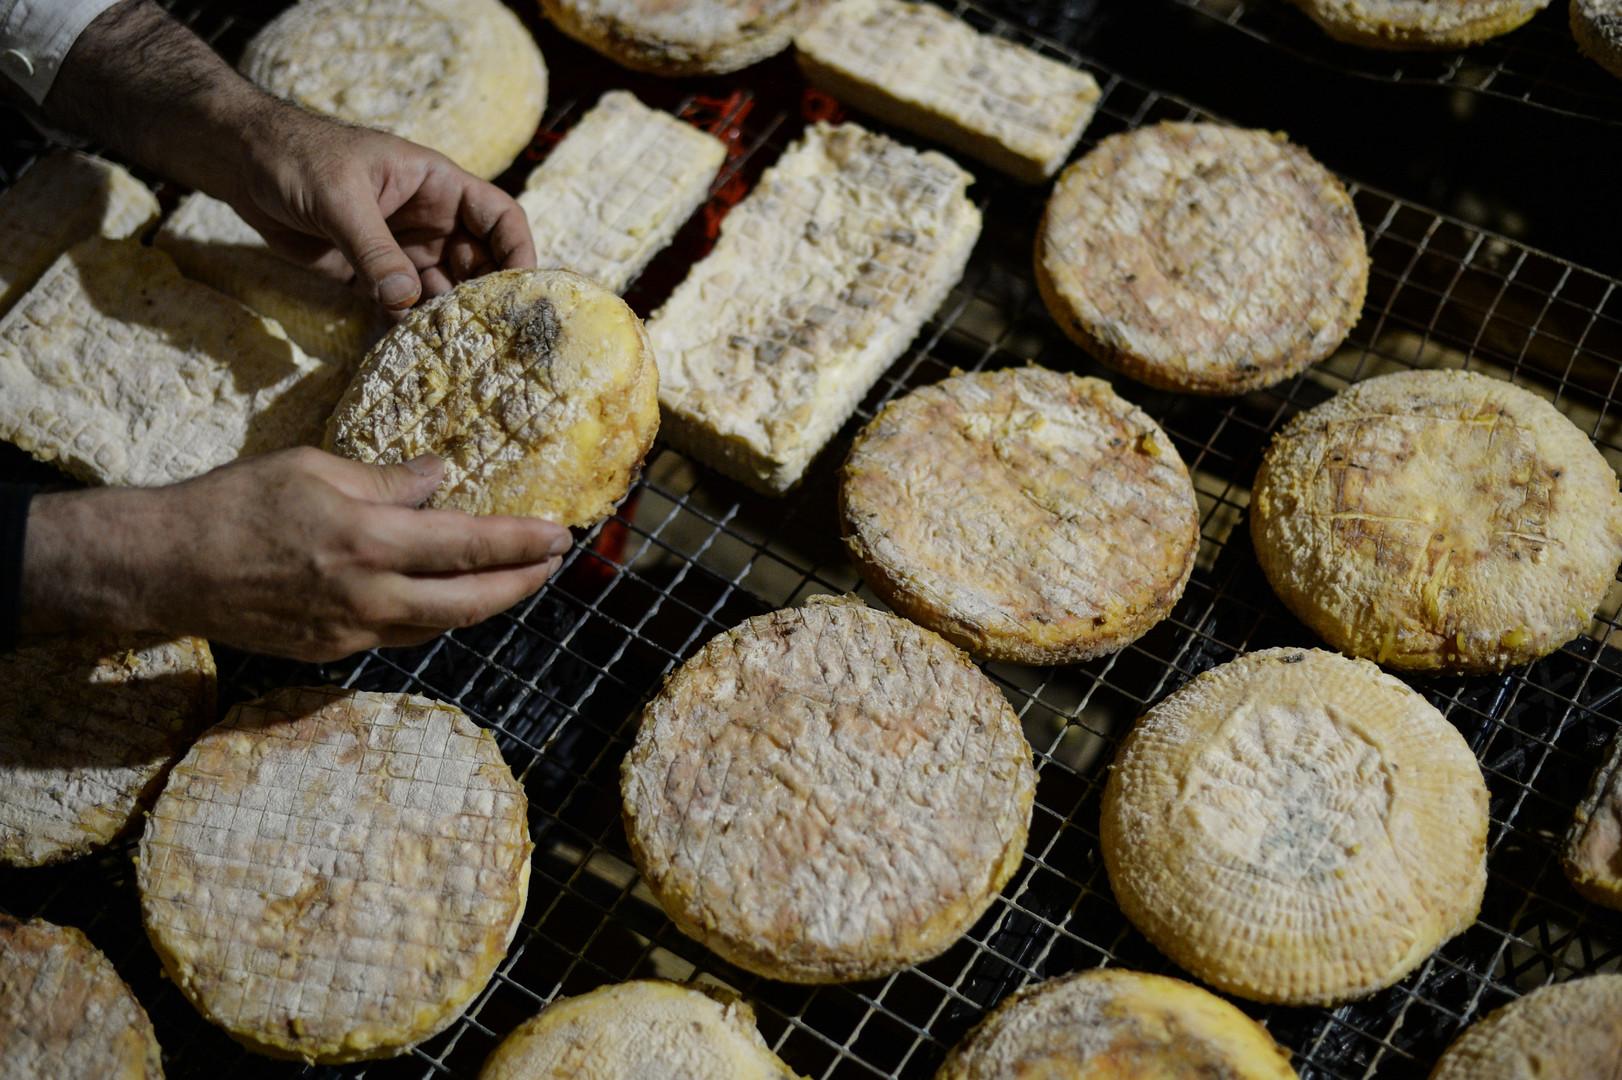 Сыр в камере, в которой проходит один из этапов изготовления сыра, на ферме в деревне Масловка Липецкой области.